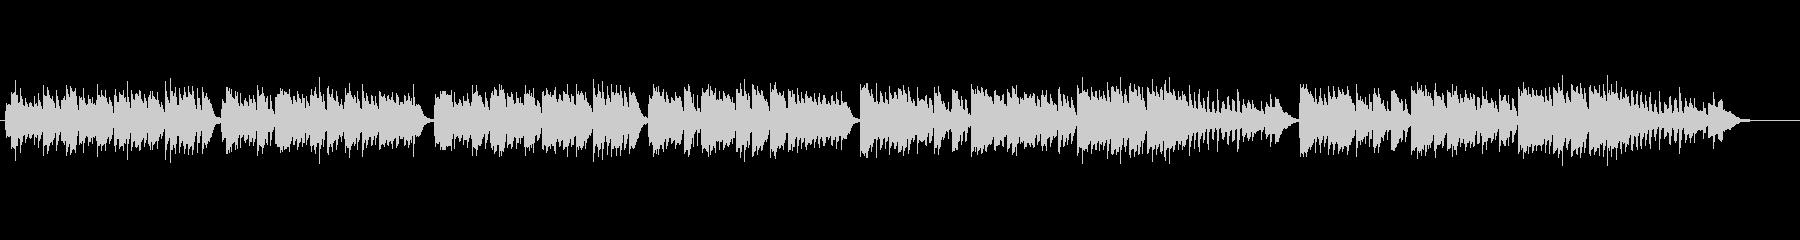 クラシックピアノ、チェルニーNo.68の未再生の波形